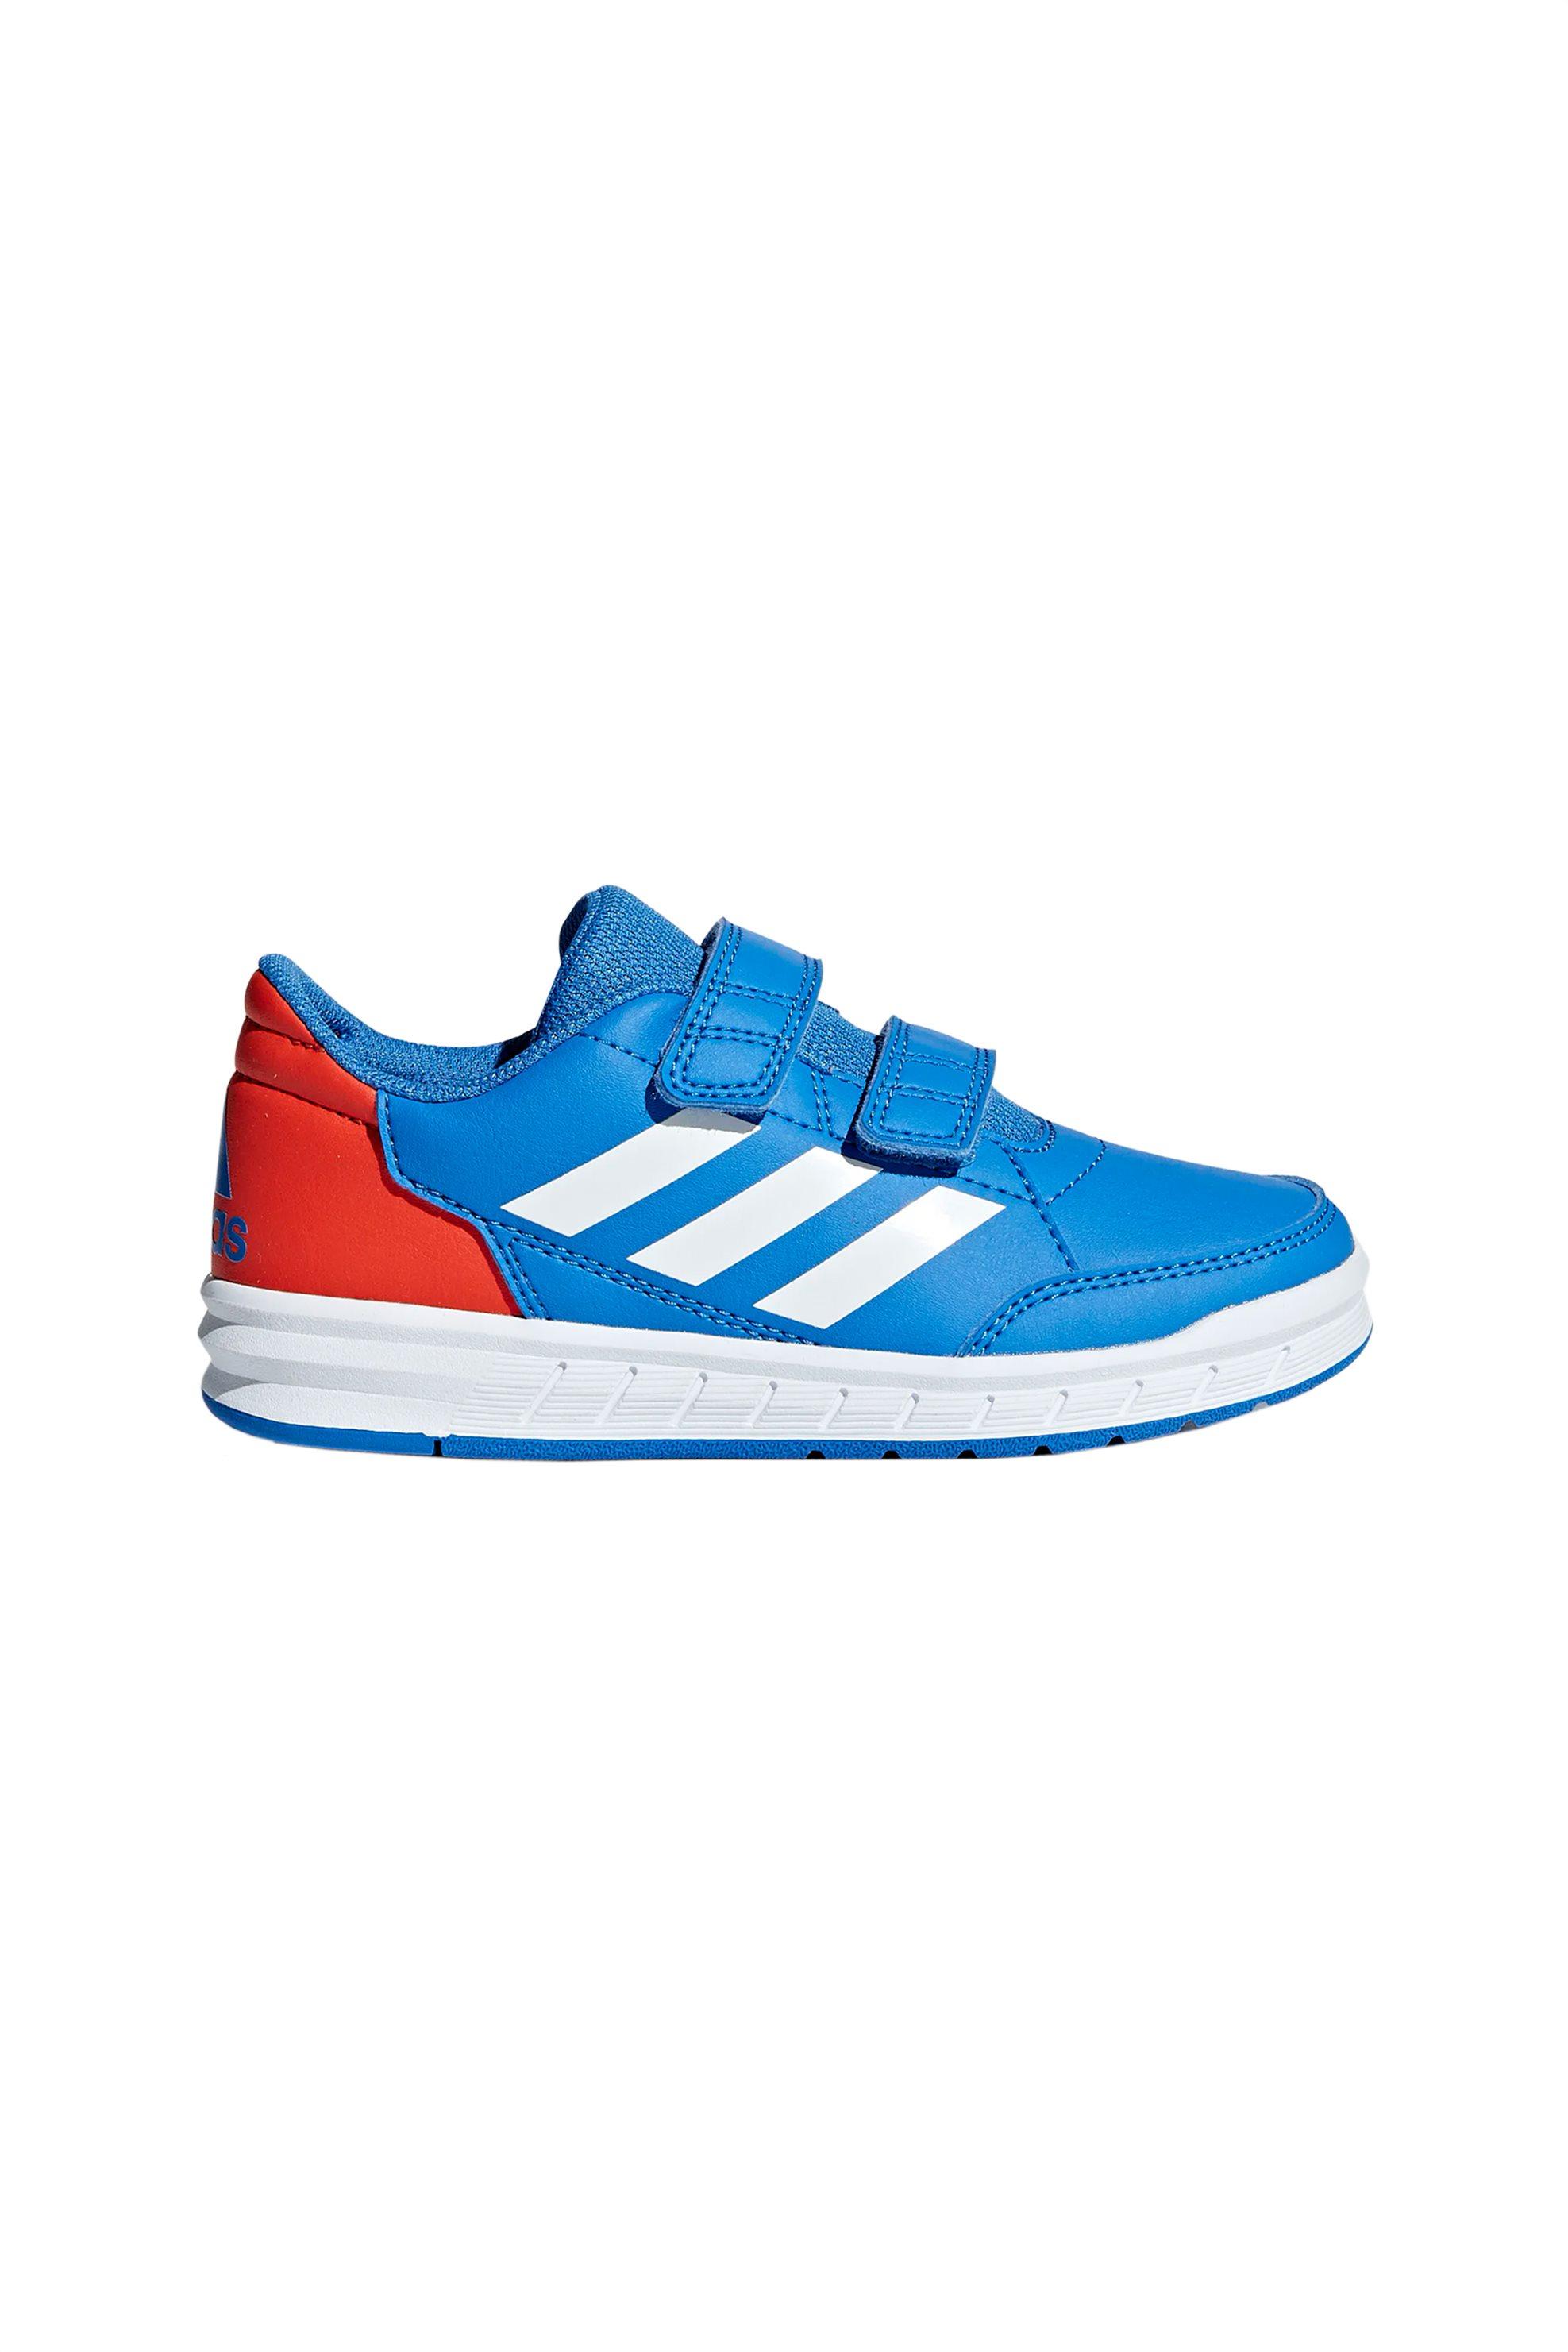 b462a5eec5a Notos Adidas παιδικά αθλητικά παπούτσια AltaSport – D96825 – Μπλε